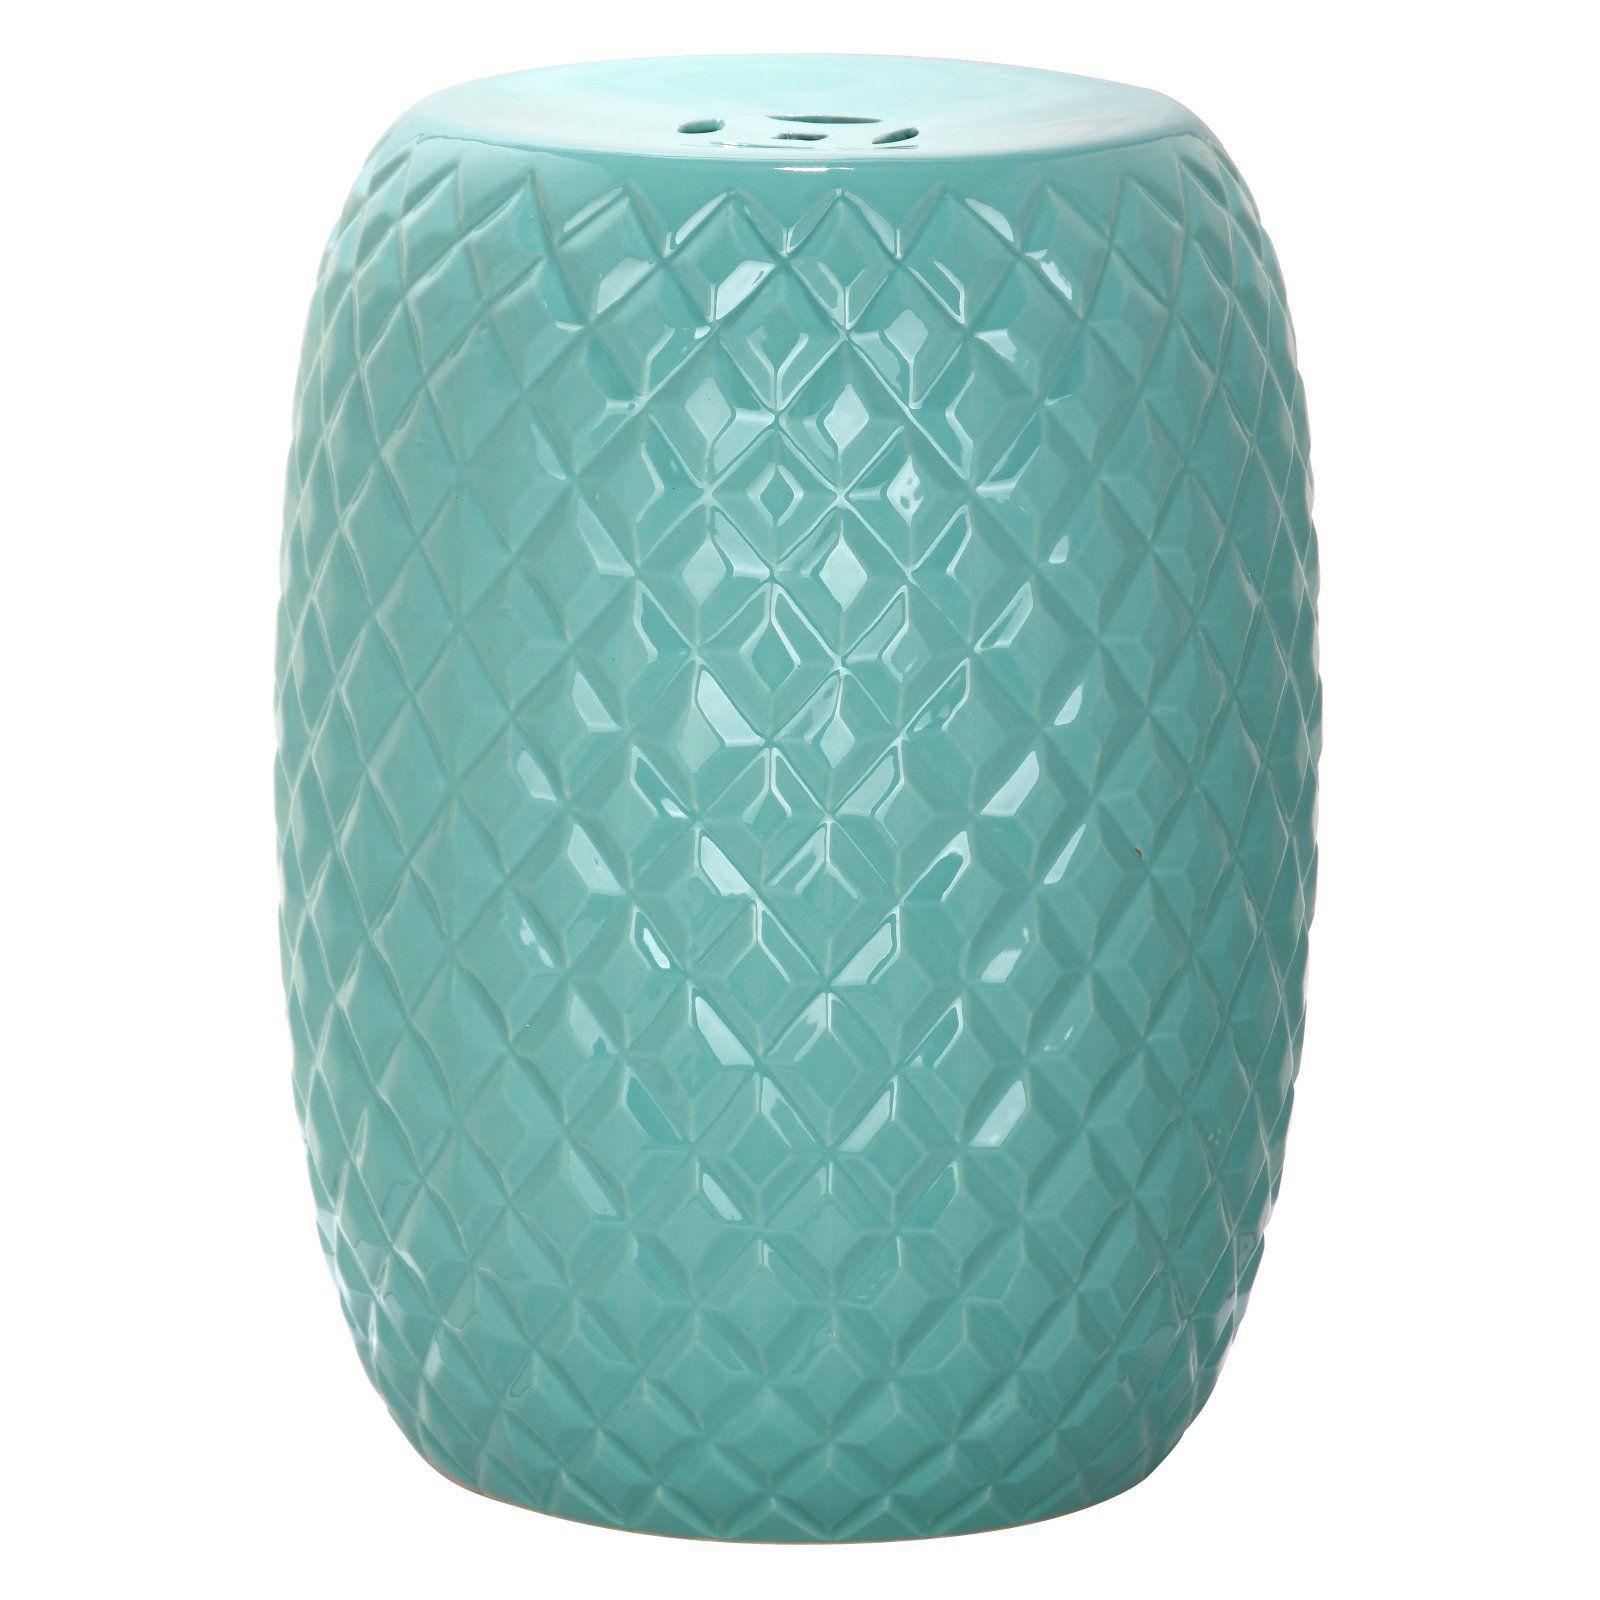 Outdoor Safavieh Calla Garden Stool Light Blue Ceramic